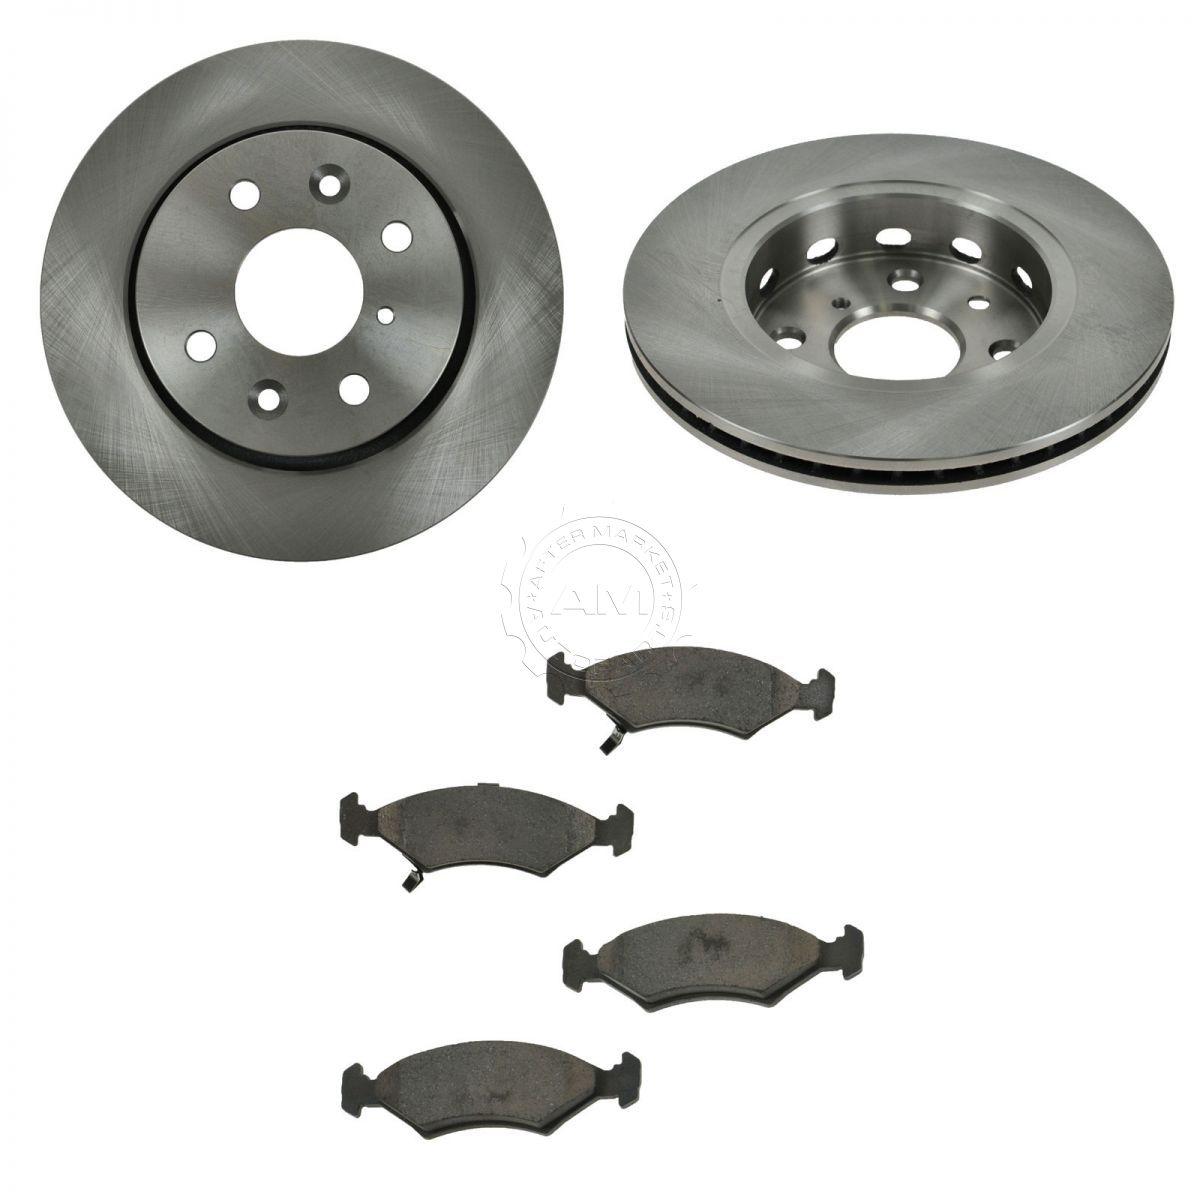 Brake Rotor Material : Front ceramic disc brake pads rotors kit set for kia